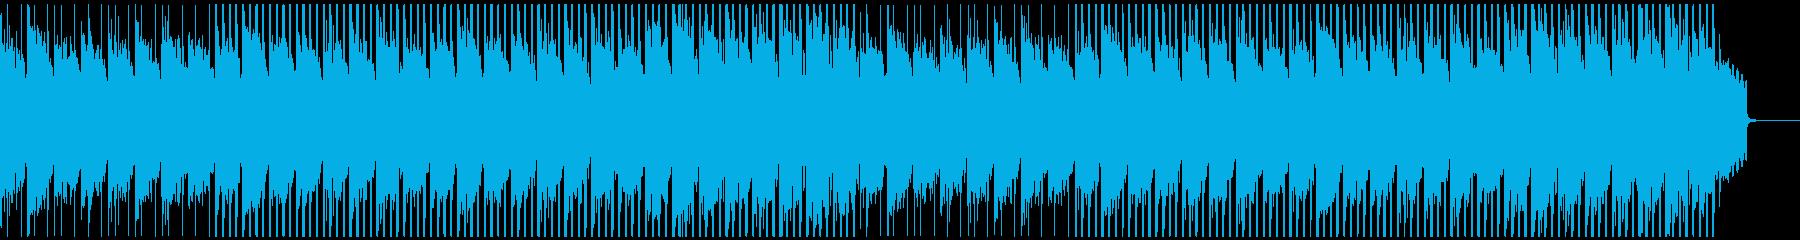 企業VP向け アコギの感動的なハウスの再生済みの波形